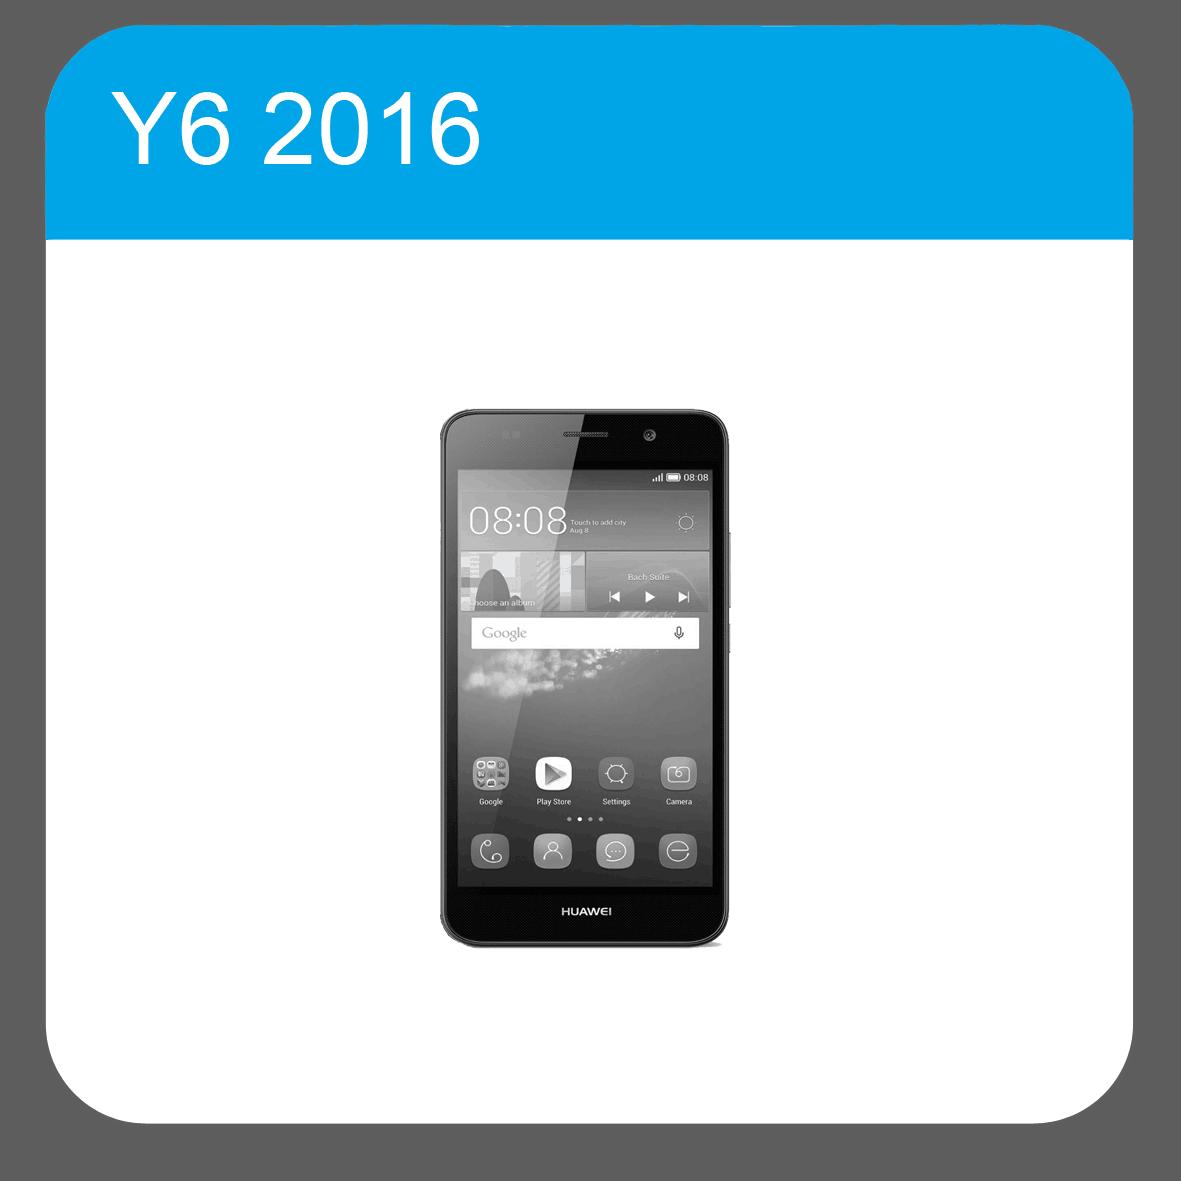 Huawei Y6 2016